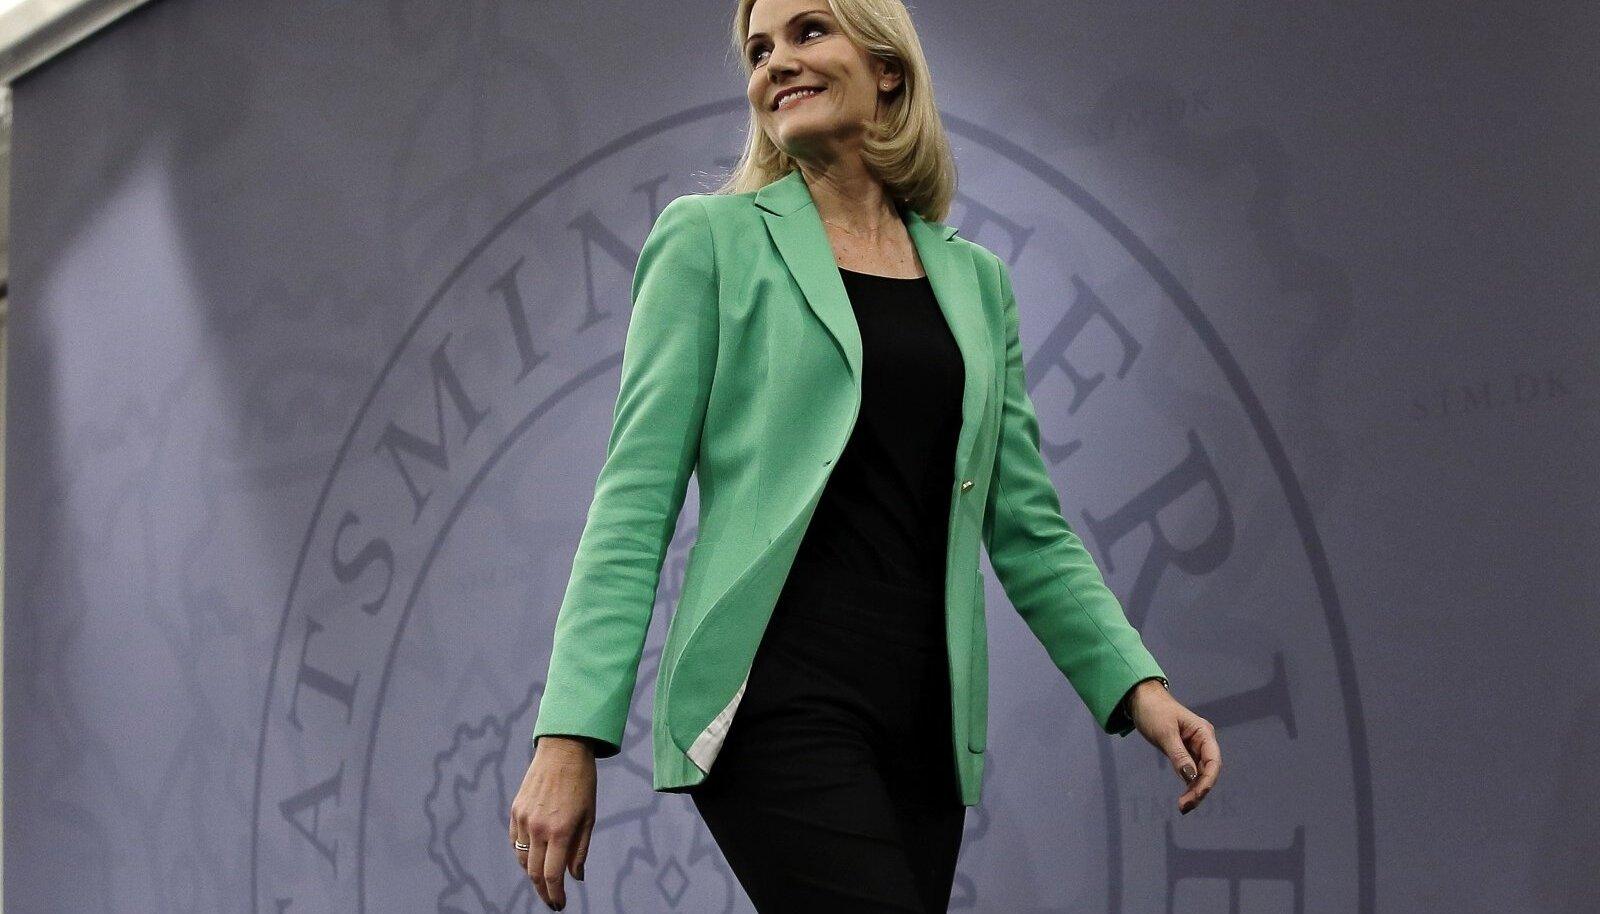 Taani peaminister Helle Thorning-Schmidtil on võimalus valimised võita, kuid küsitluste järgi on tema edumaa äärmiselt napp.